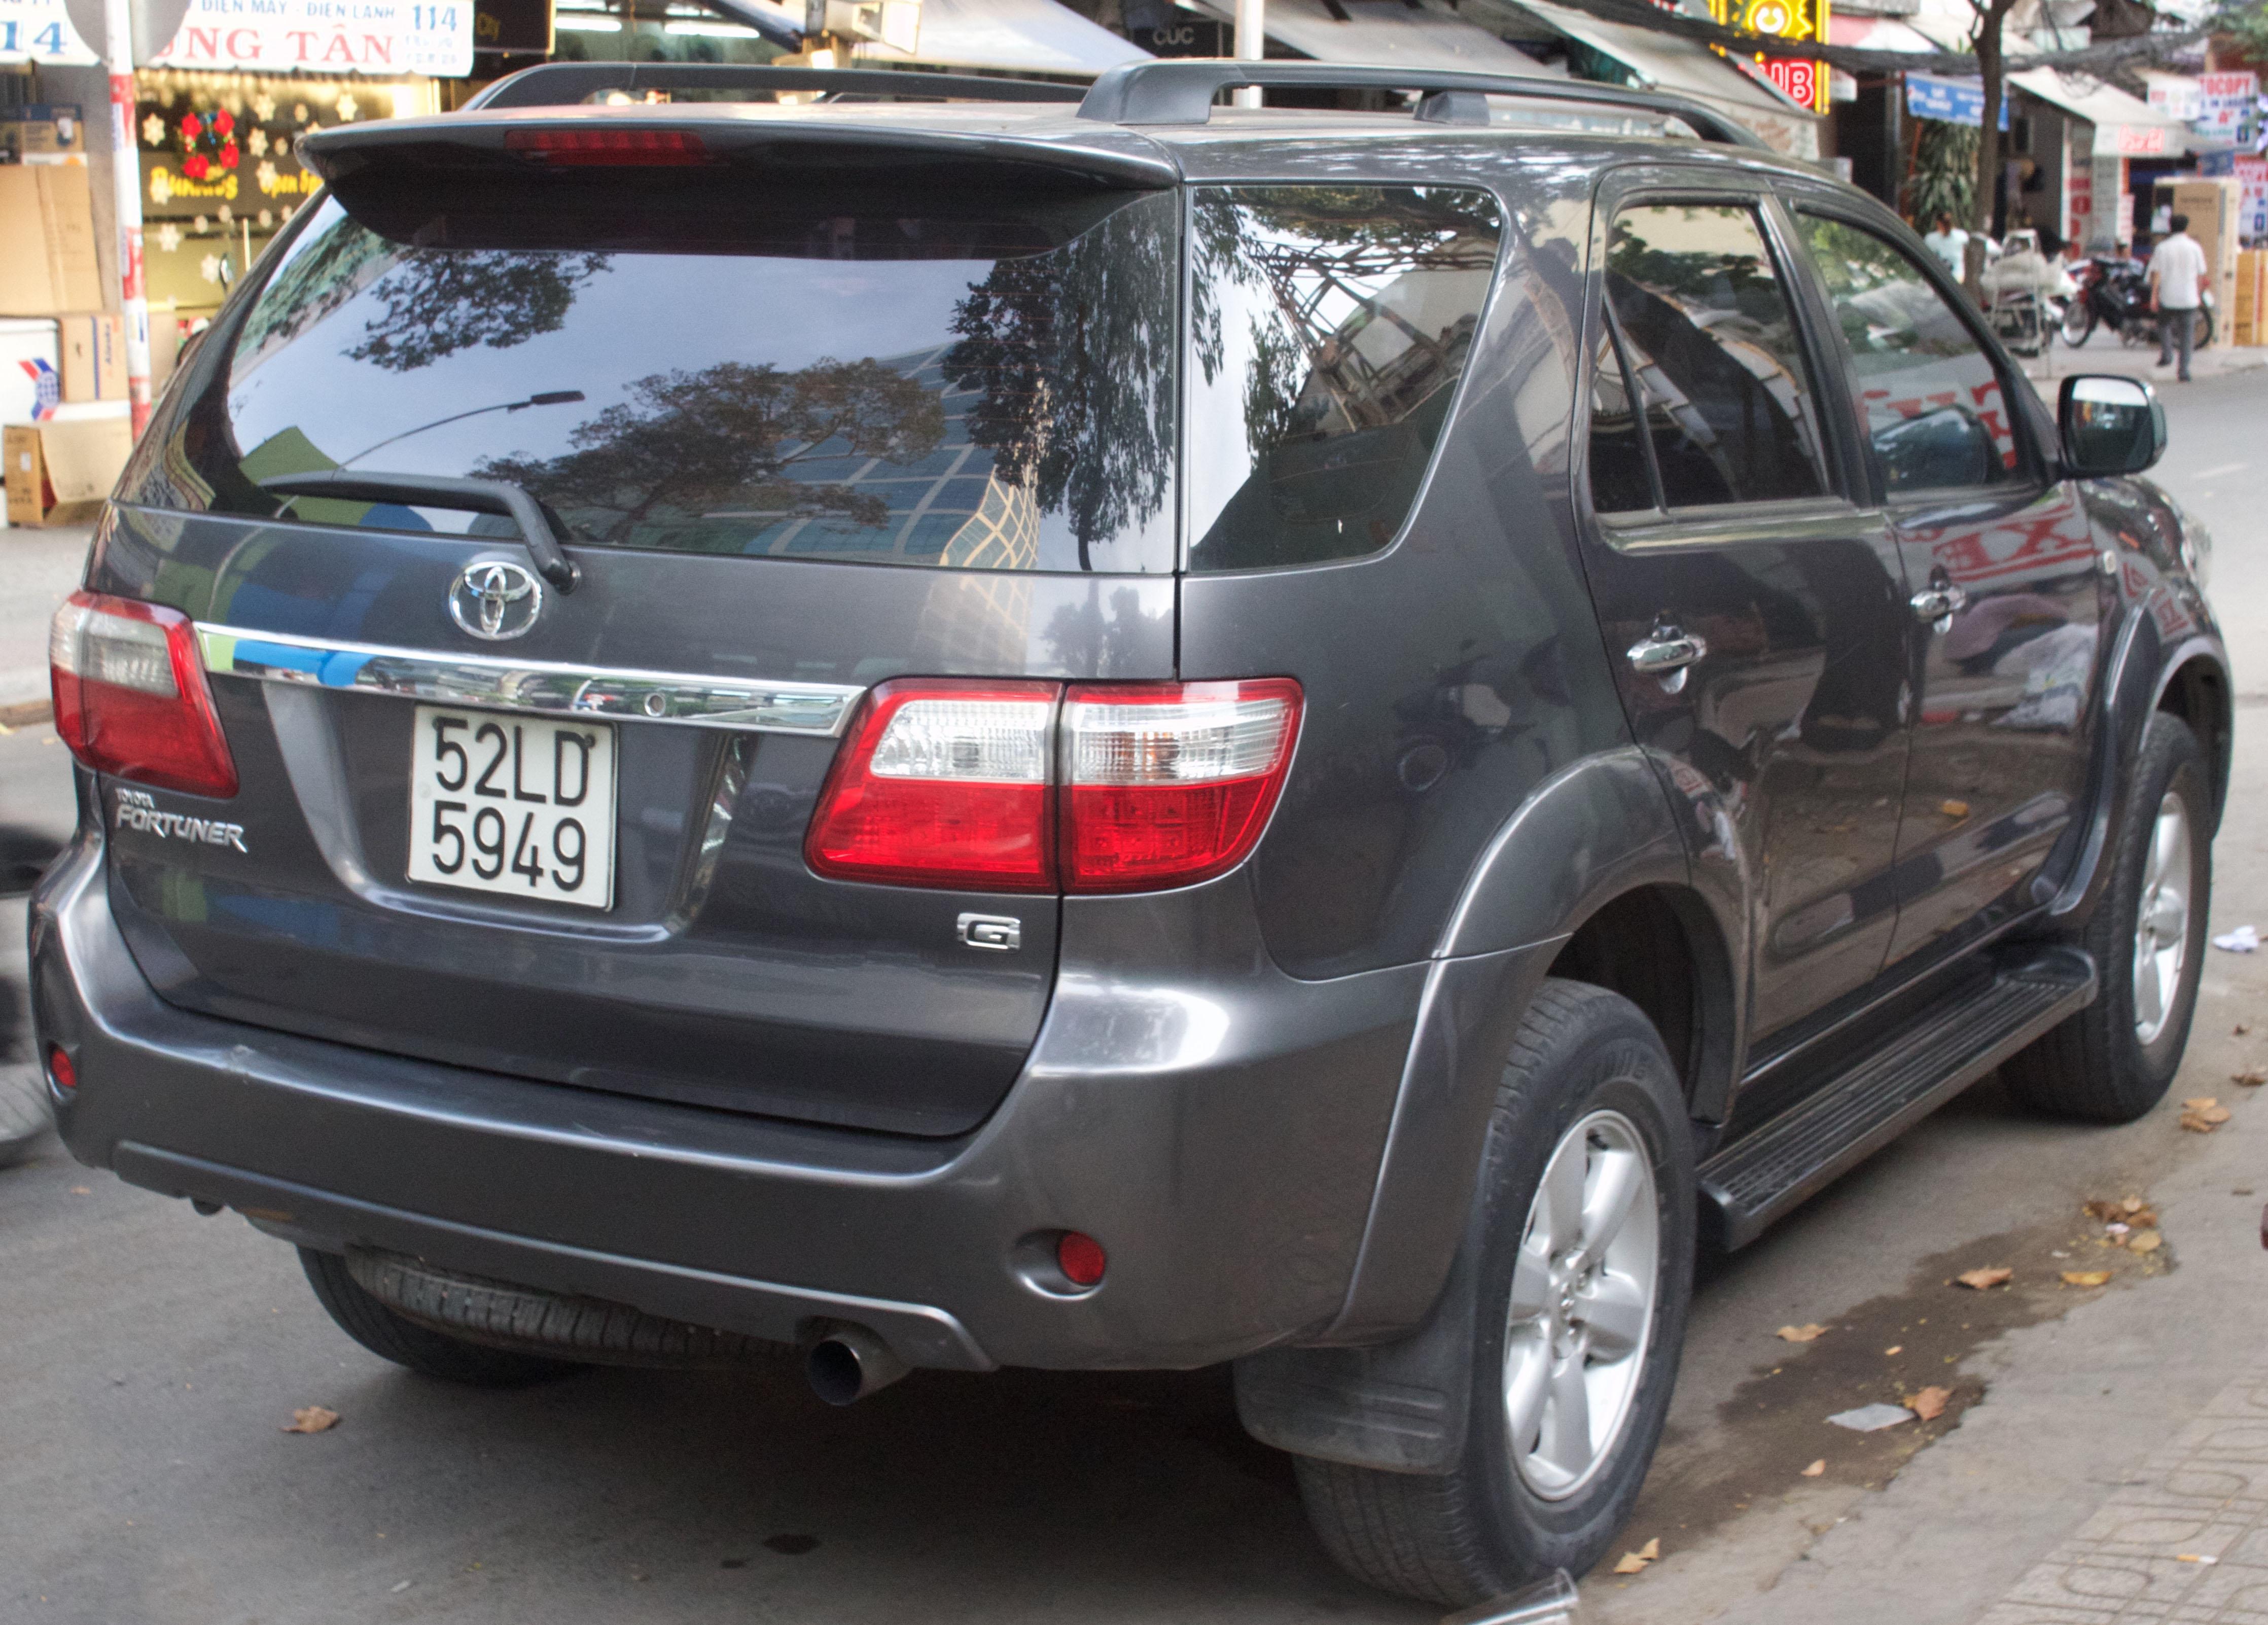 Kelebihan Kekurangan Toyota Fortuner 2008 Review